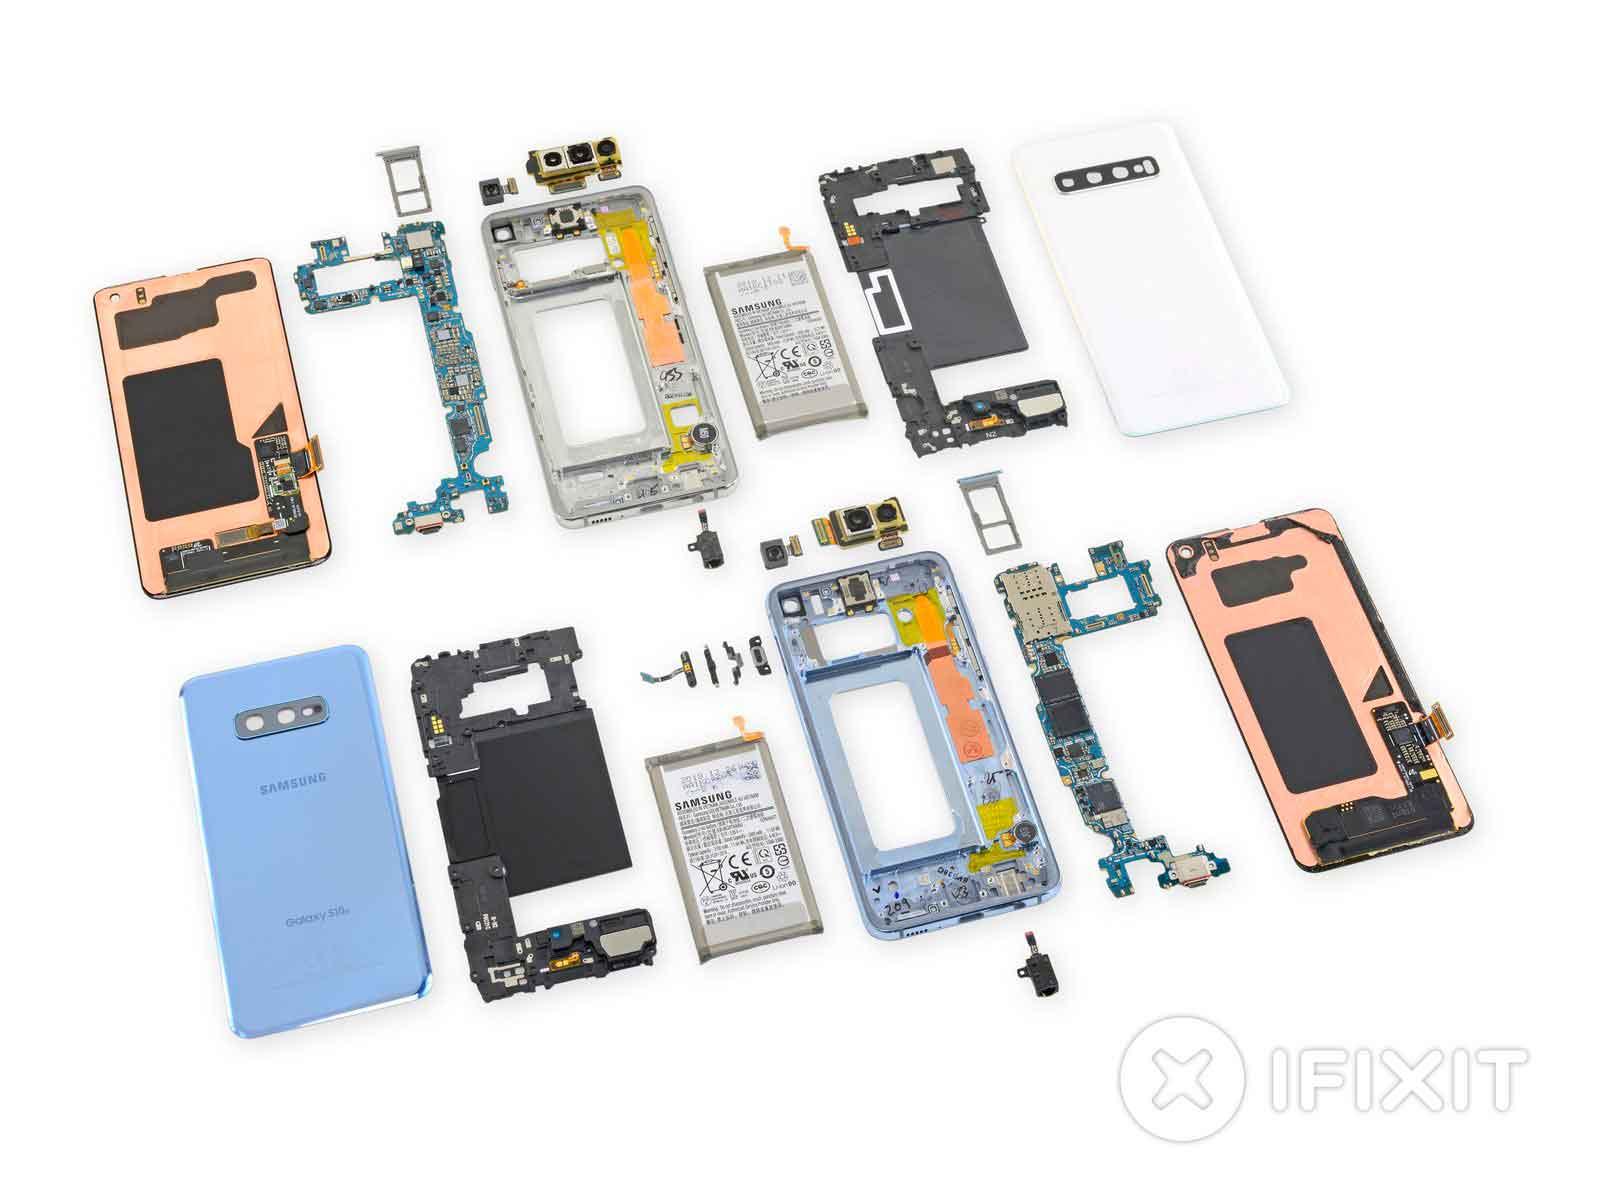 Samsung Galaxy S10 smontato: non sarà facile da riparare